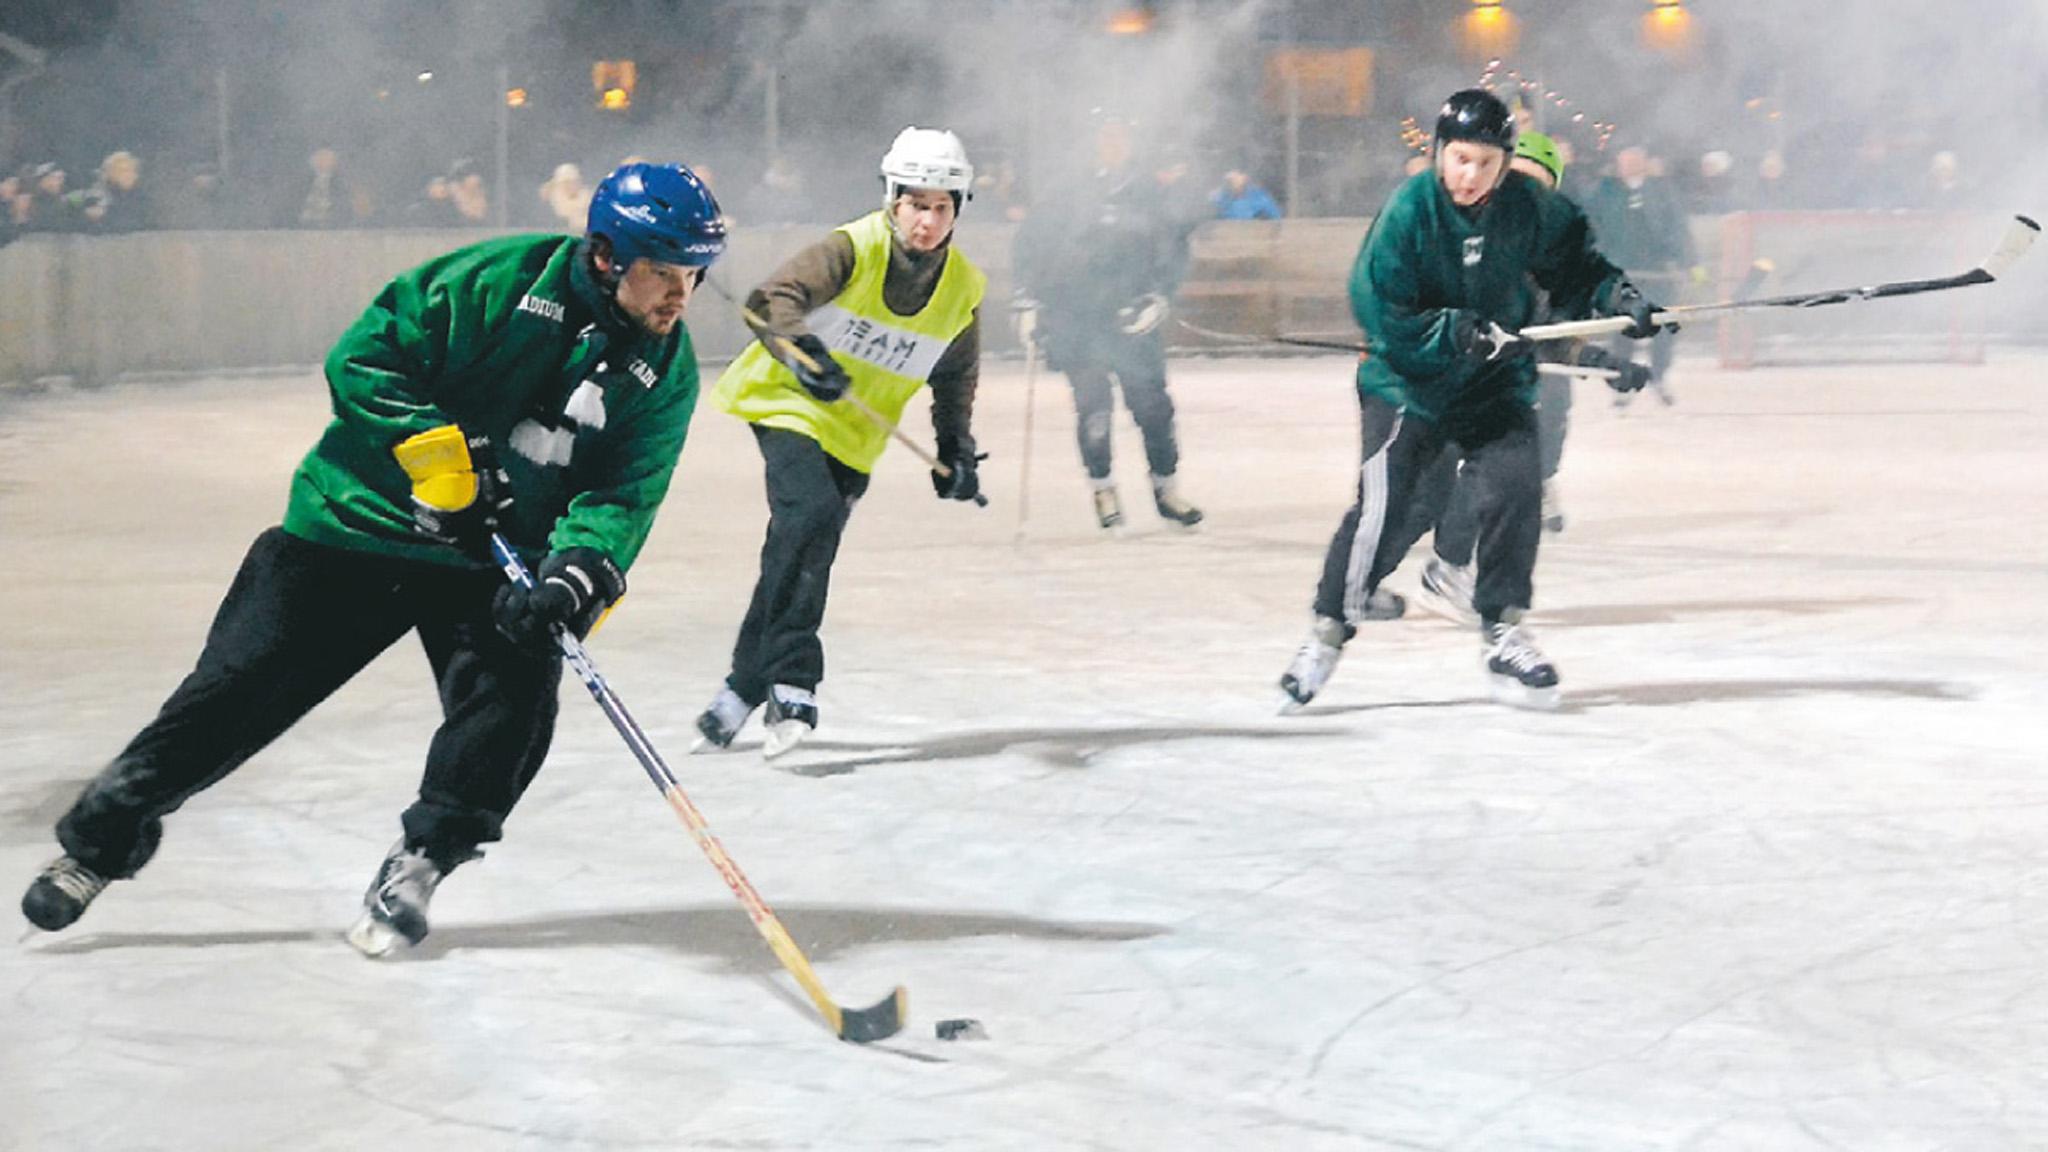 Ideella krafter blåste liv i den gamla traditionen med hockeyderbyn mellan grannbyarna Brösarp och Maglehem.